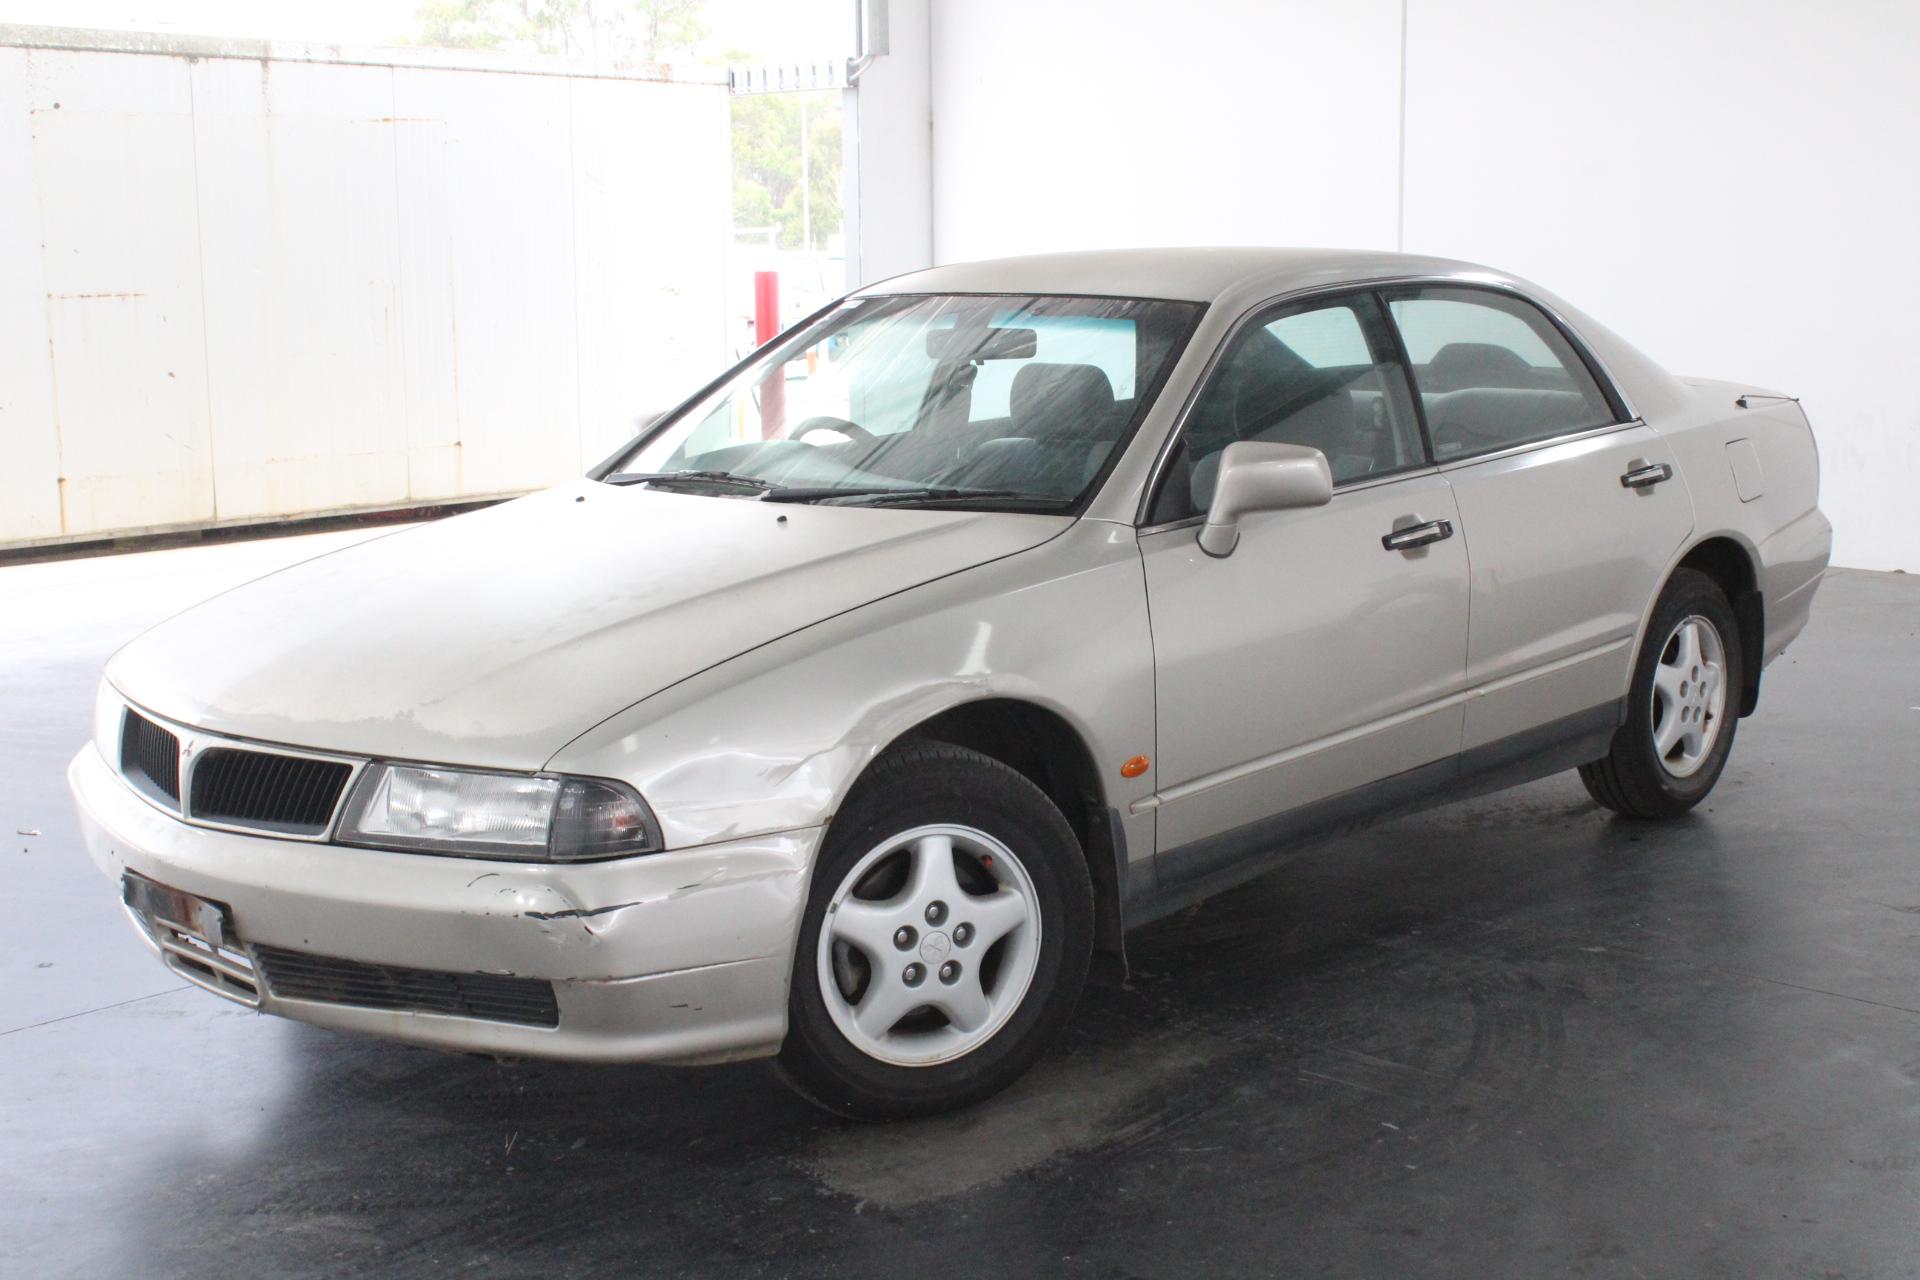 1998 Mitsubishi Magna Executive TF Automatic Sedan